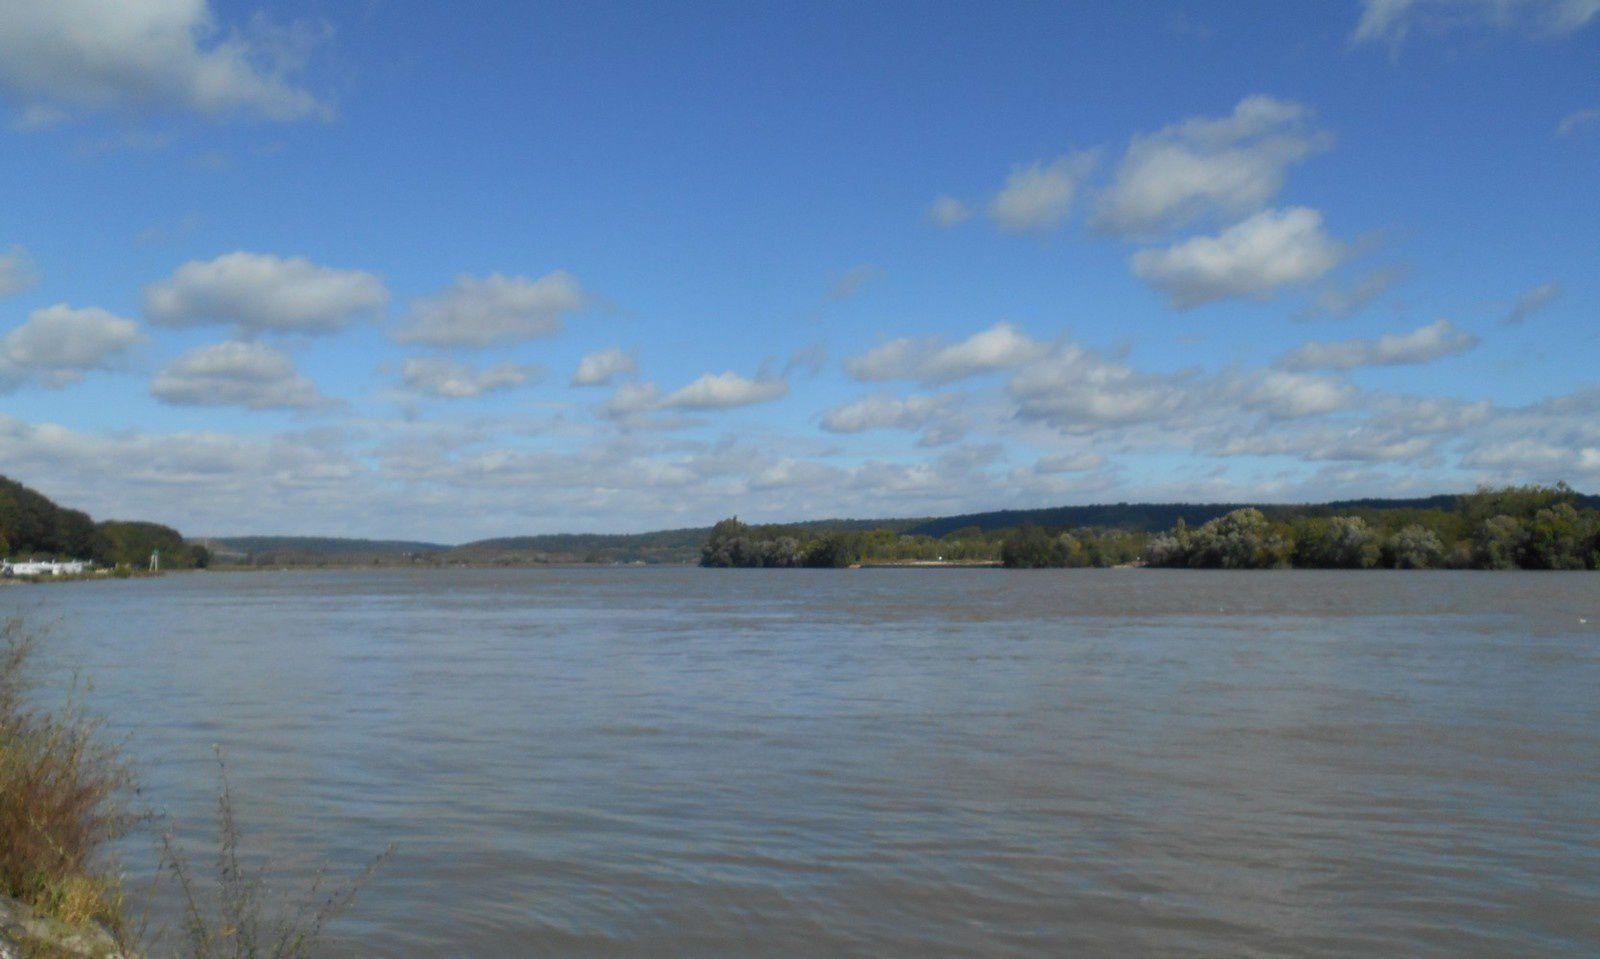 avant le pont de Brotonne à Arelaune-en-Seine existait un passage d'eau le reliant au Trait